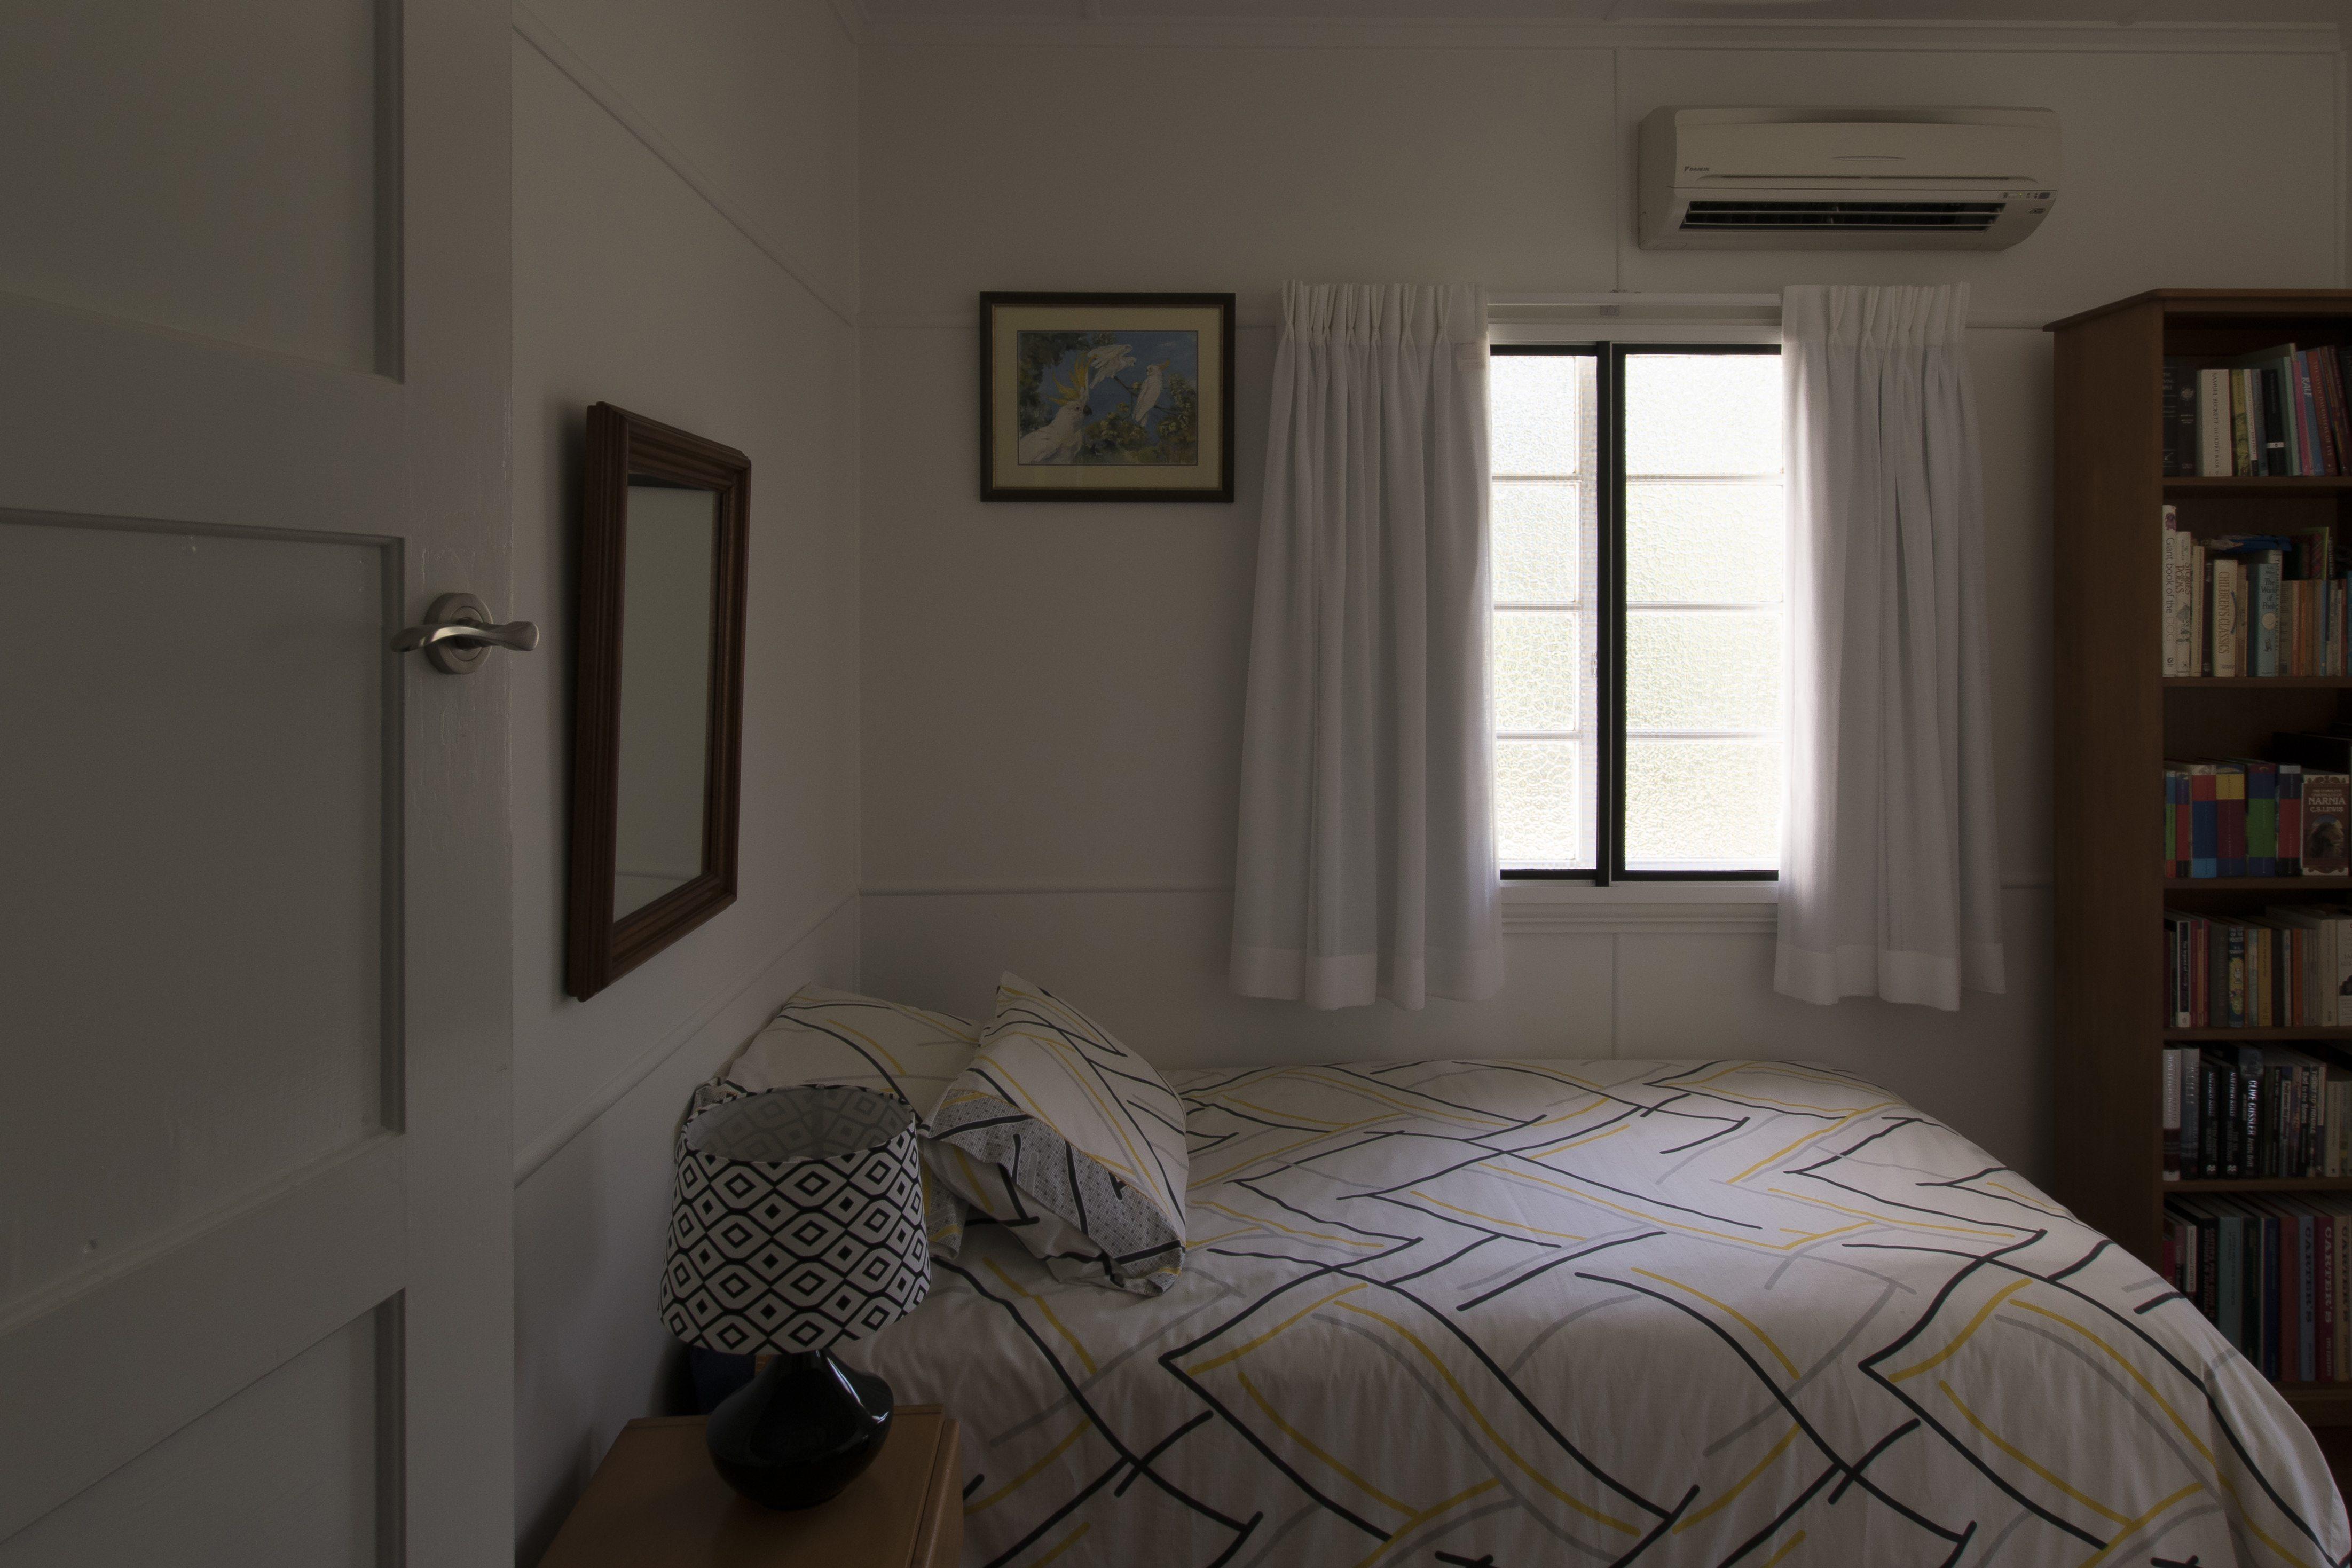 Double pinch pleat, centre open, short drop curtains